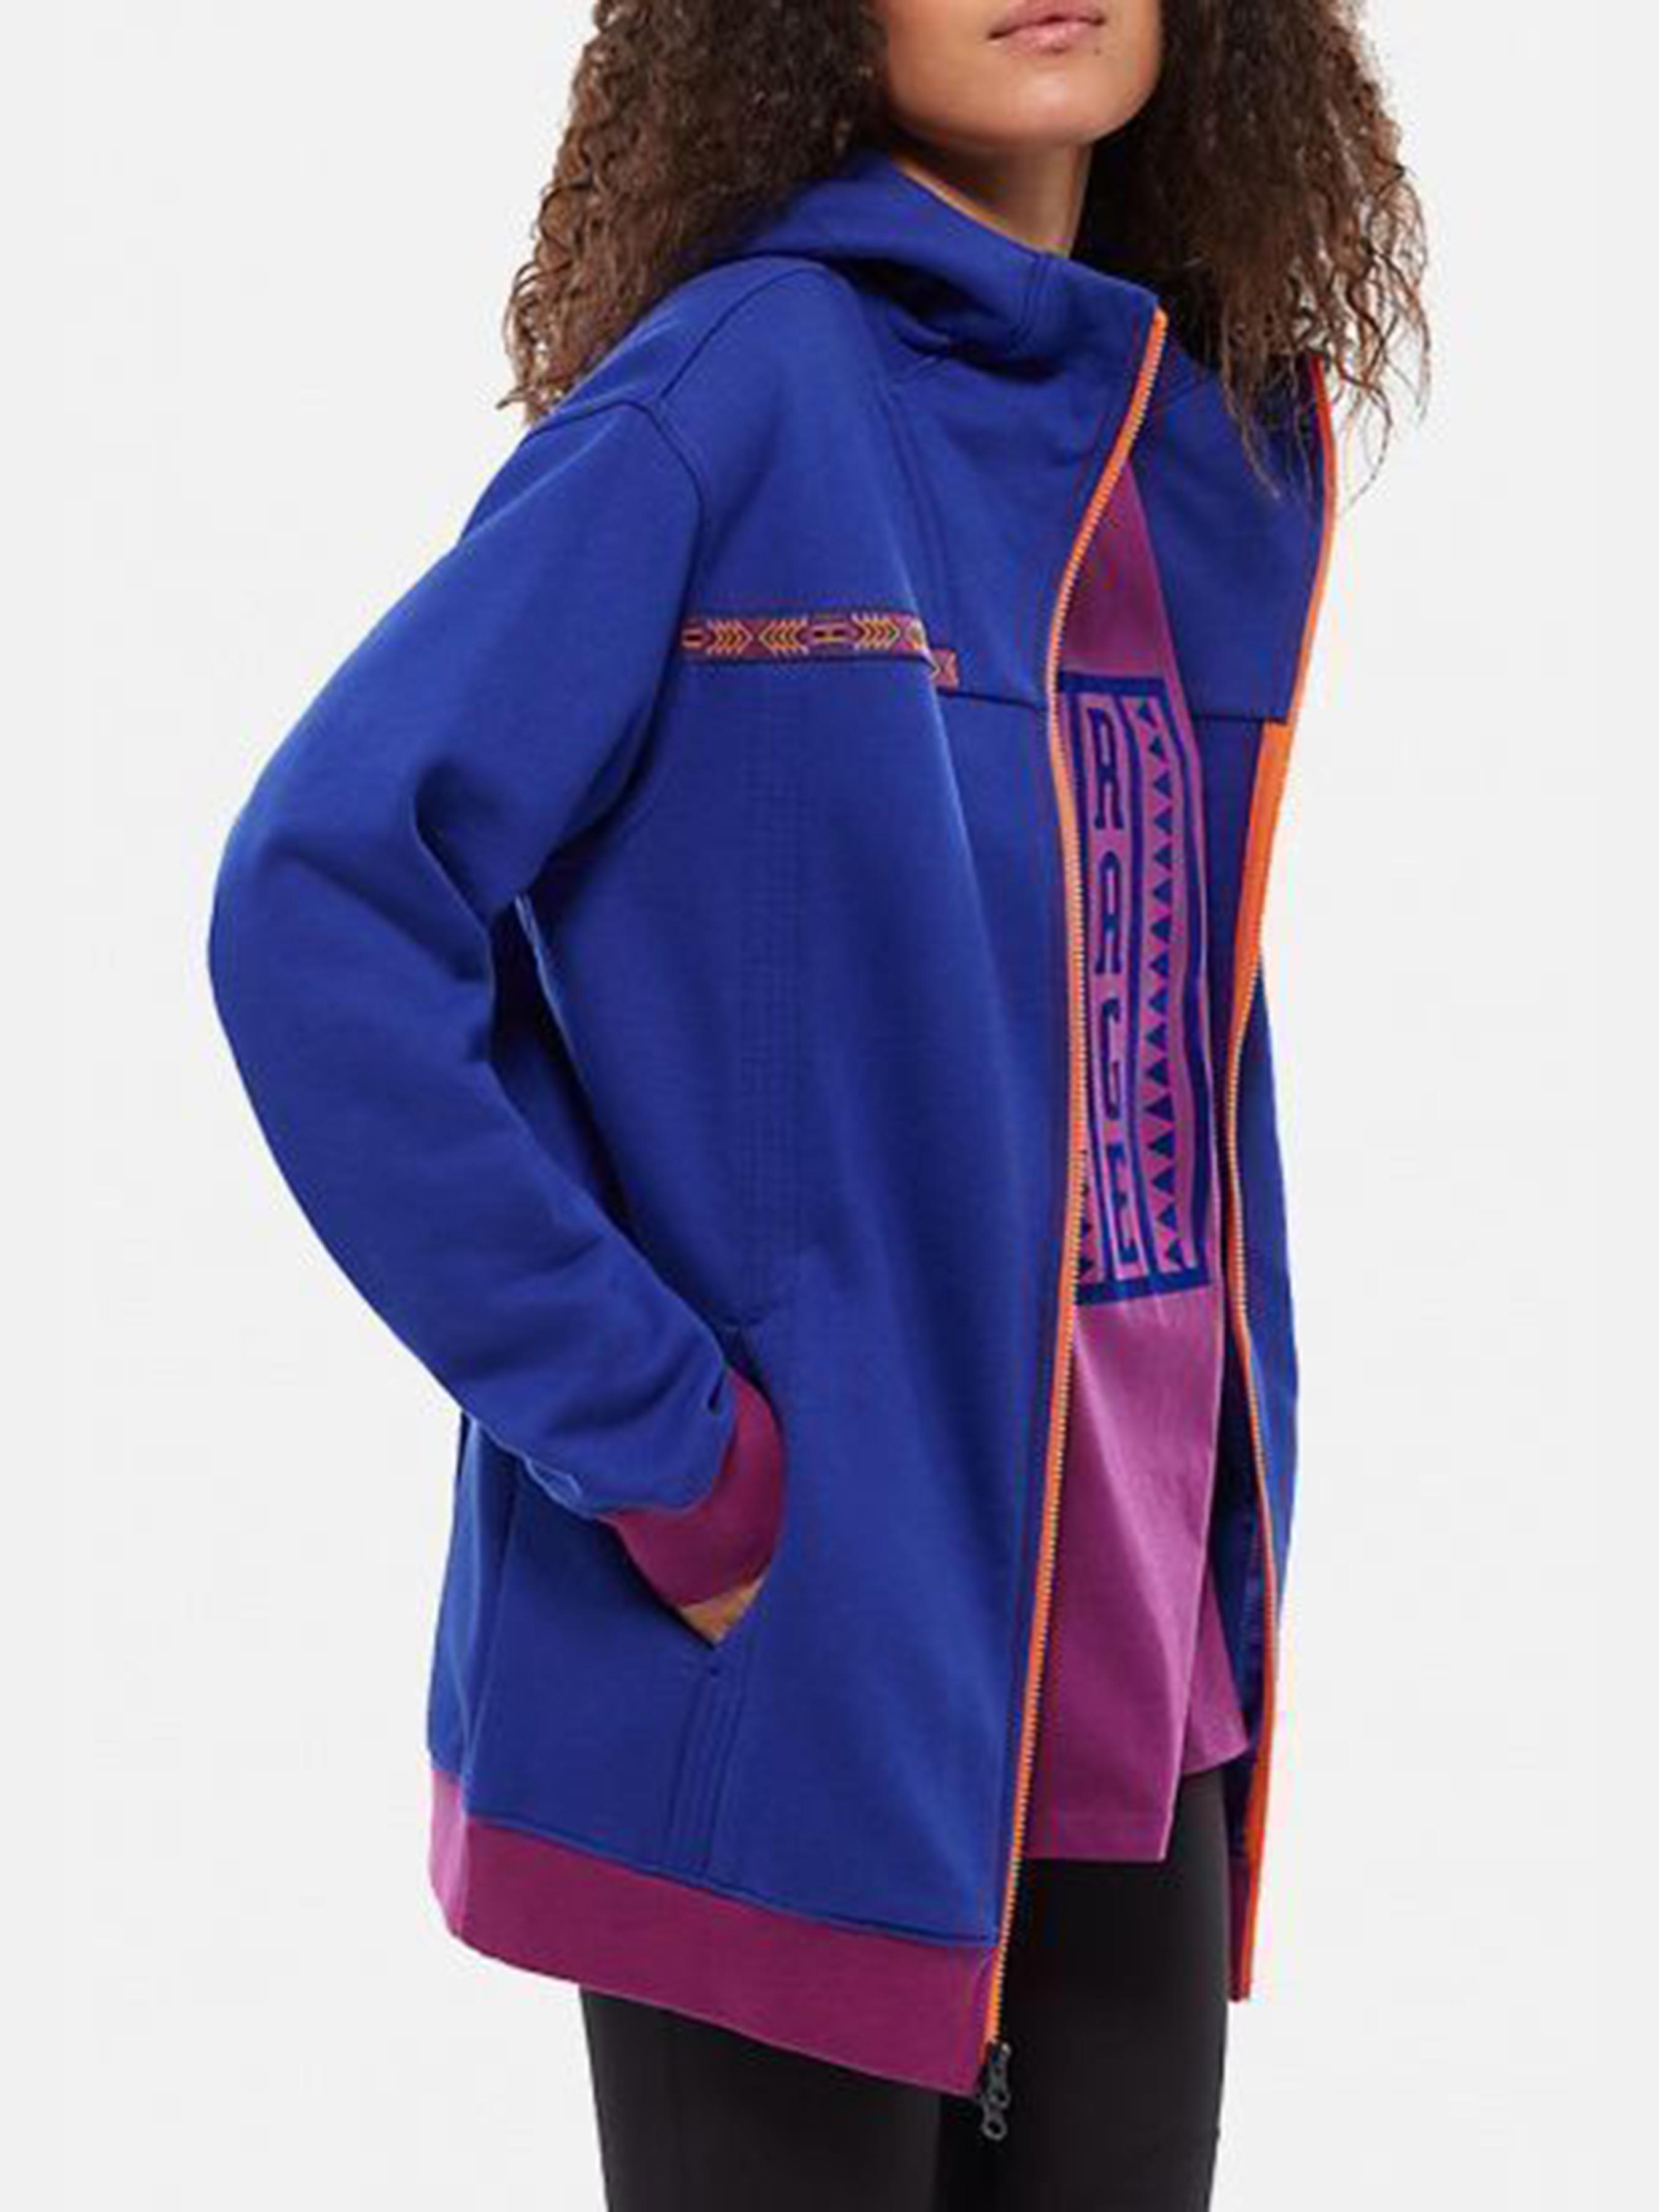 Кофты и свитера женские The North Face модель T93MHS9QX приобрести, 2017